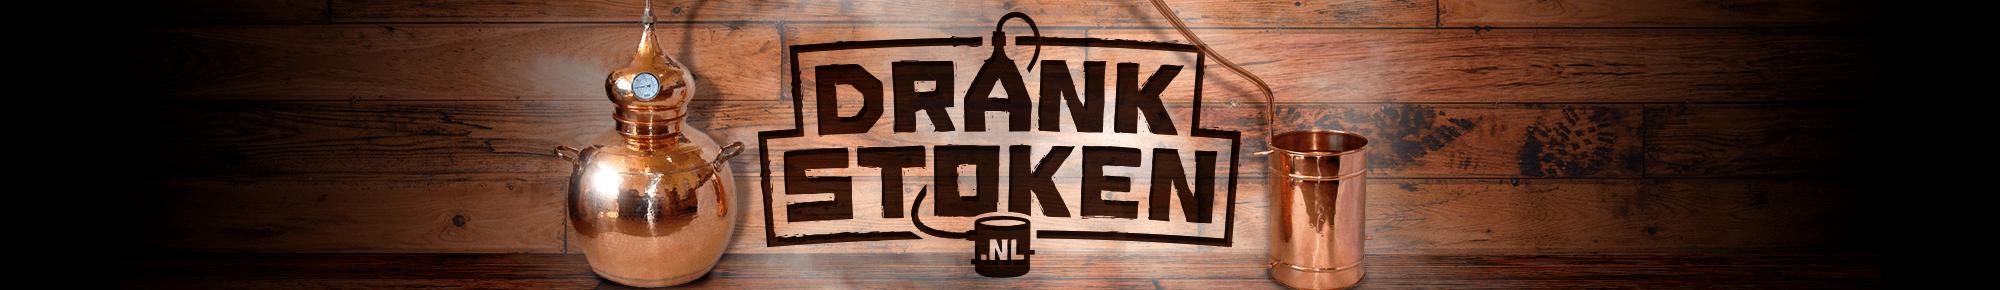 Drankstoken.nl website header